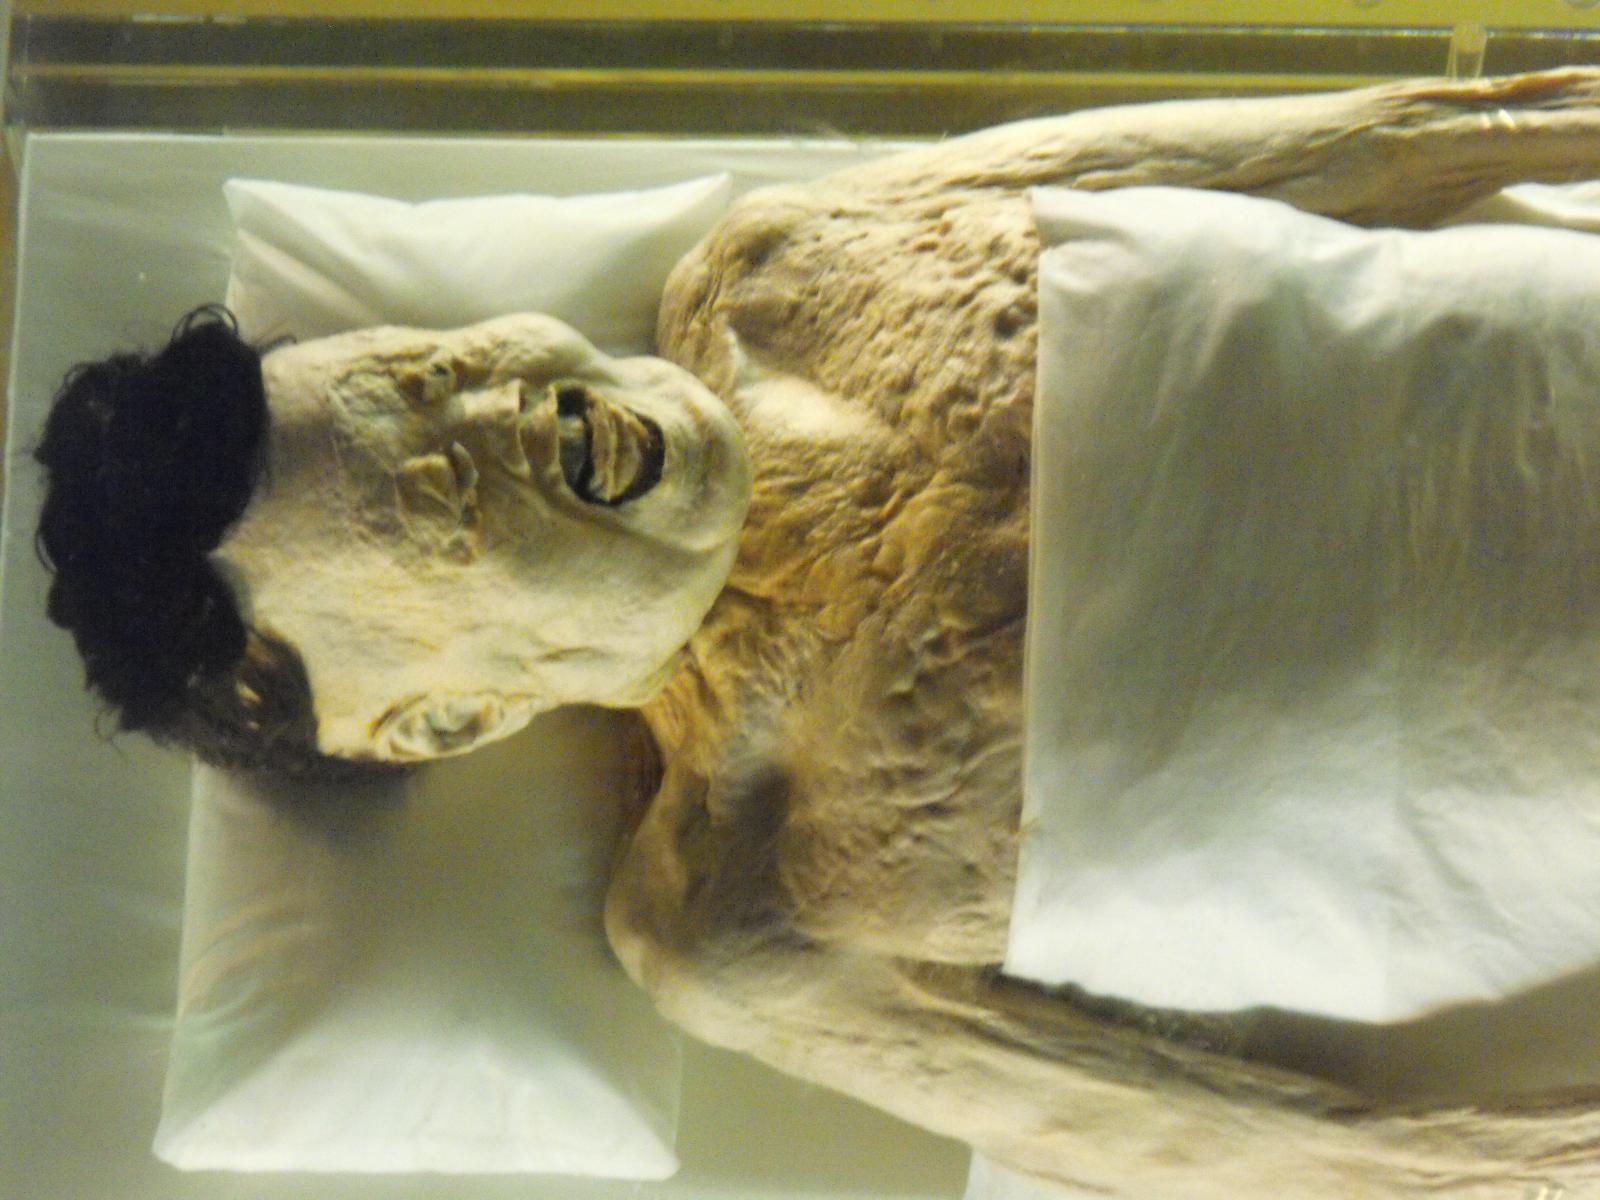 由文字上的丞相可辨出此墓是西汉长沙国夫人利苍文物辛追墓.电视剧《聂荣臻》主题曲图片